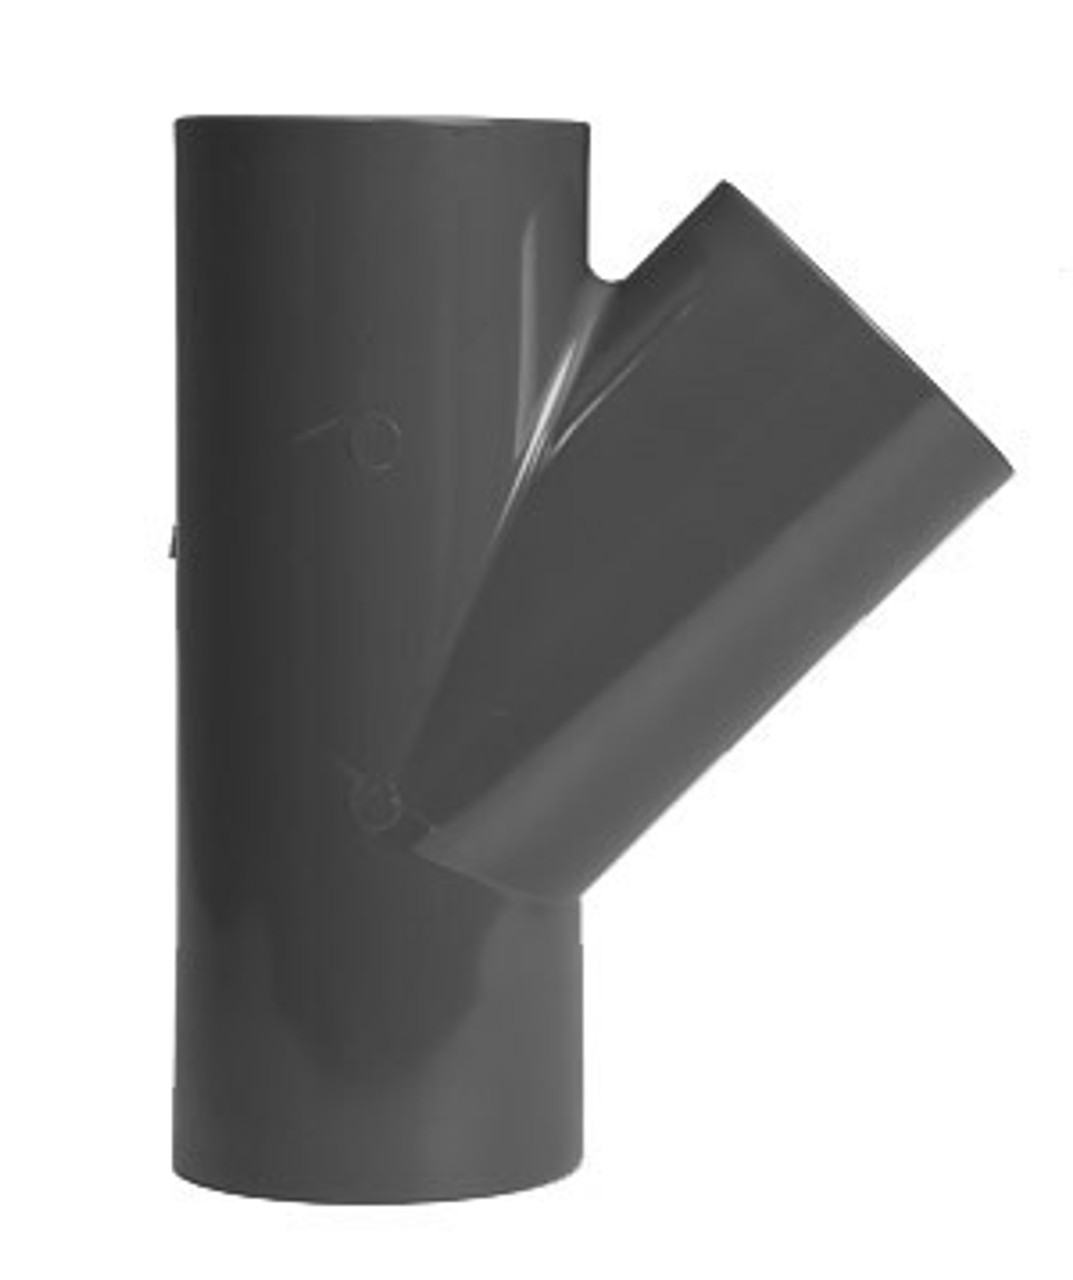 +GF+ | Wye 45 PVC-U 40mm (721250109)